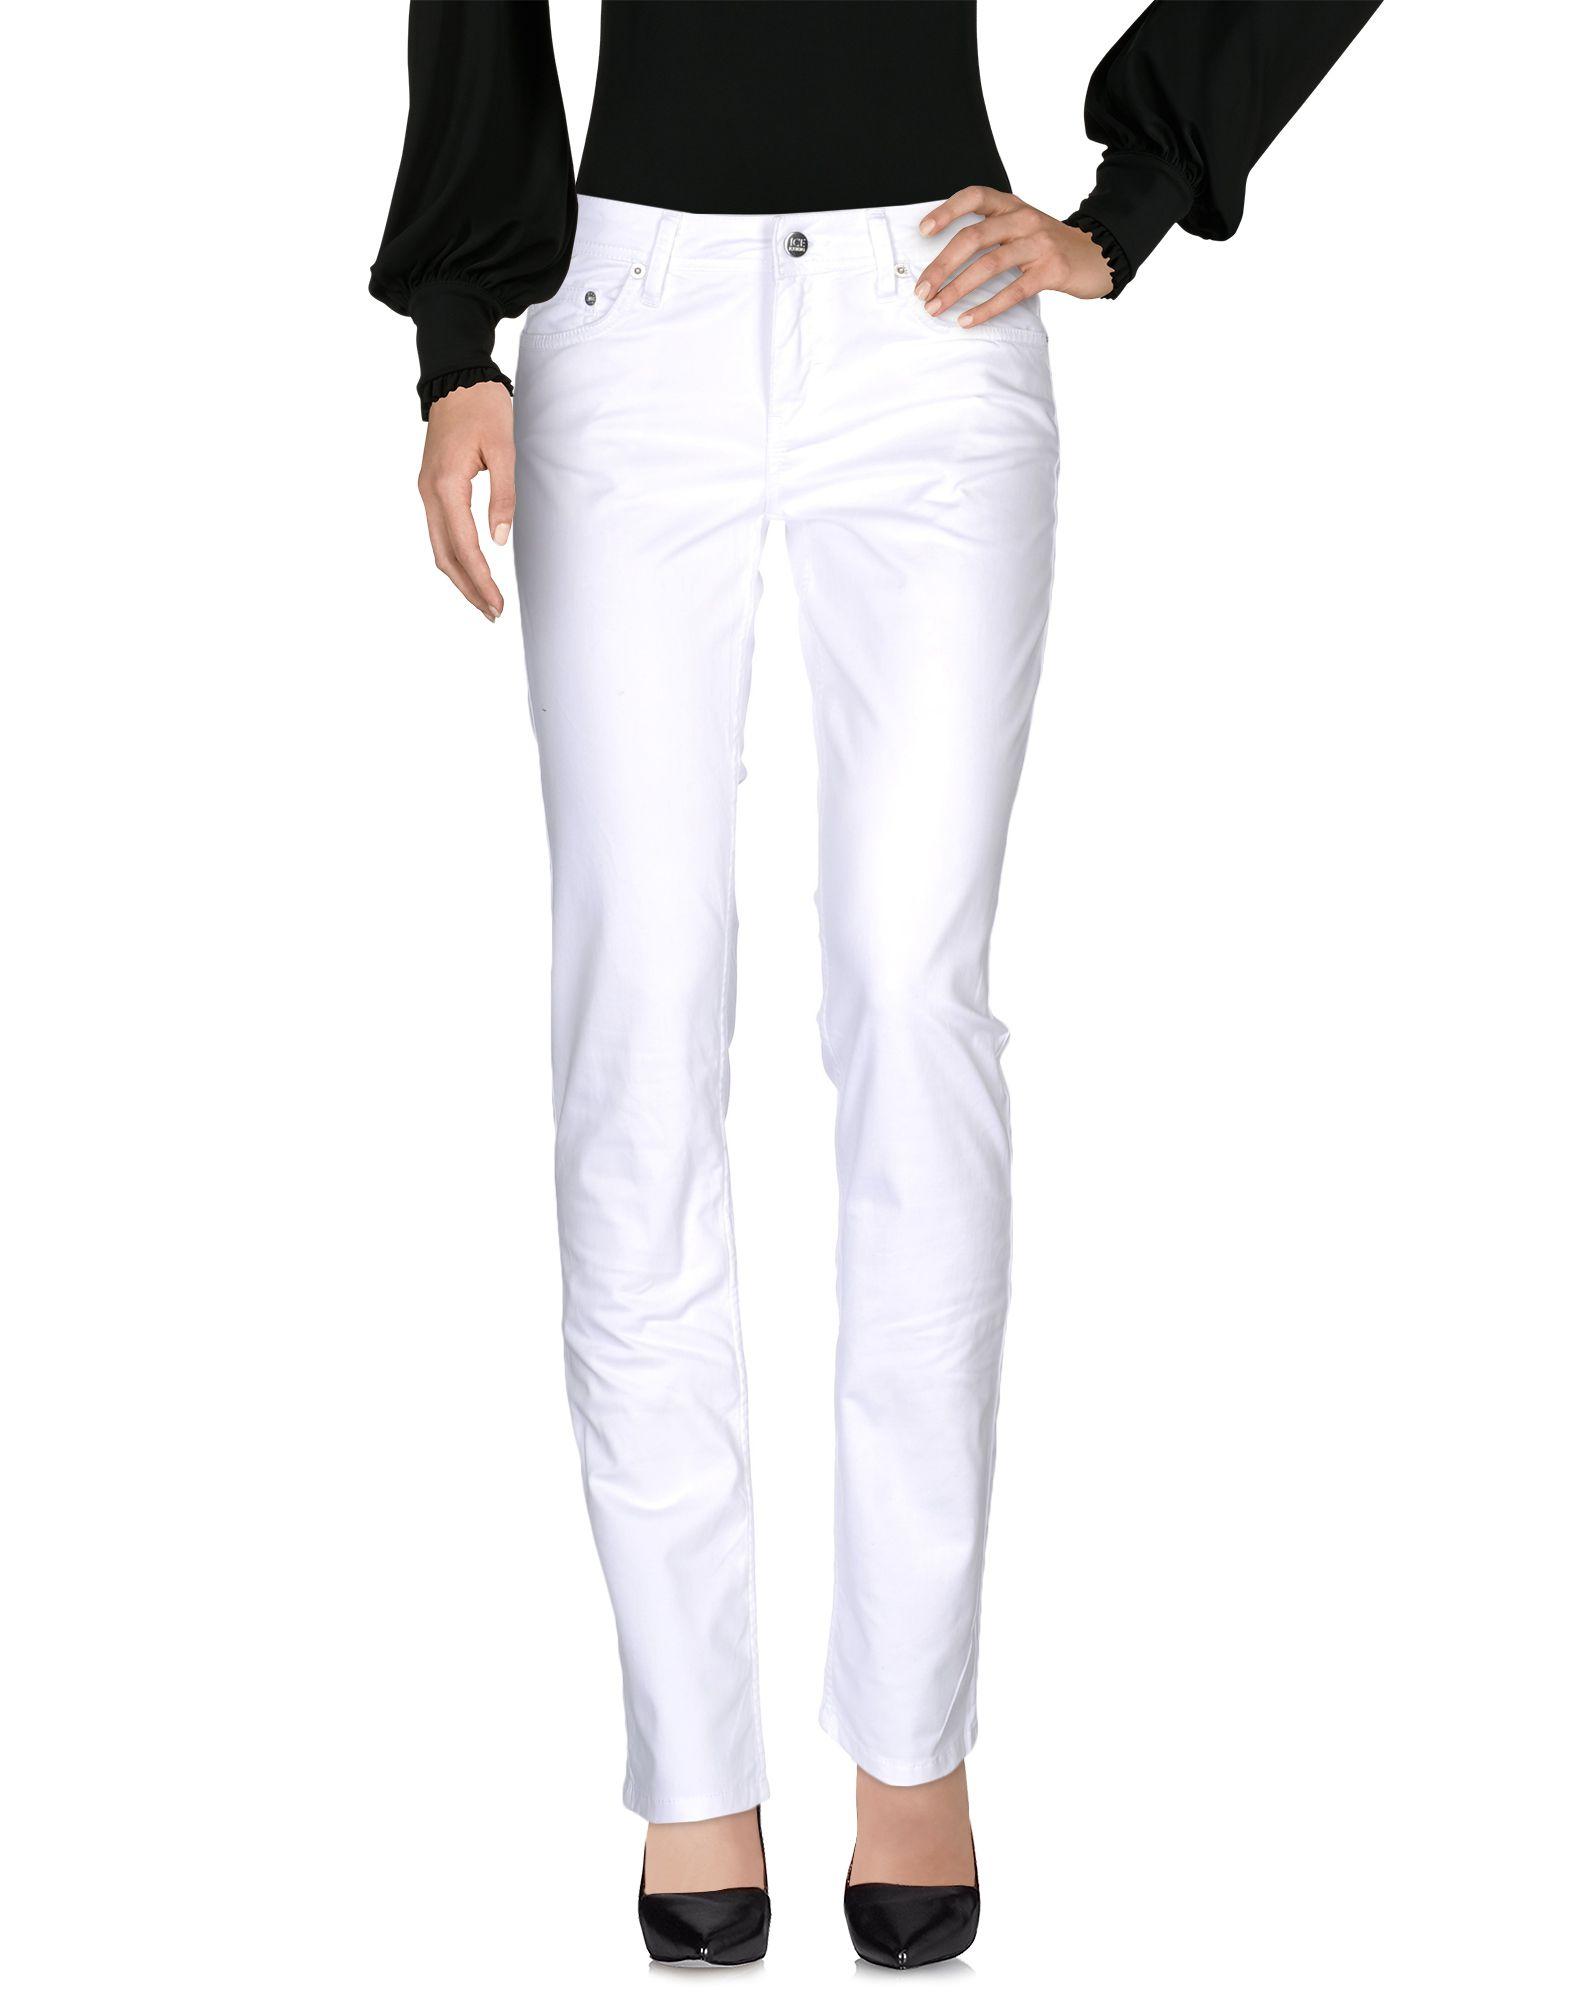 ICE ICEBERG Damen Hose Farbe Weiß Größe 6